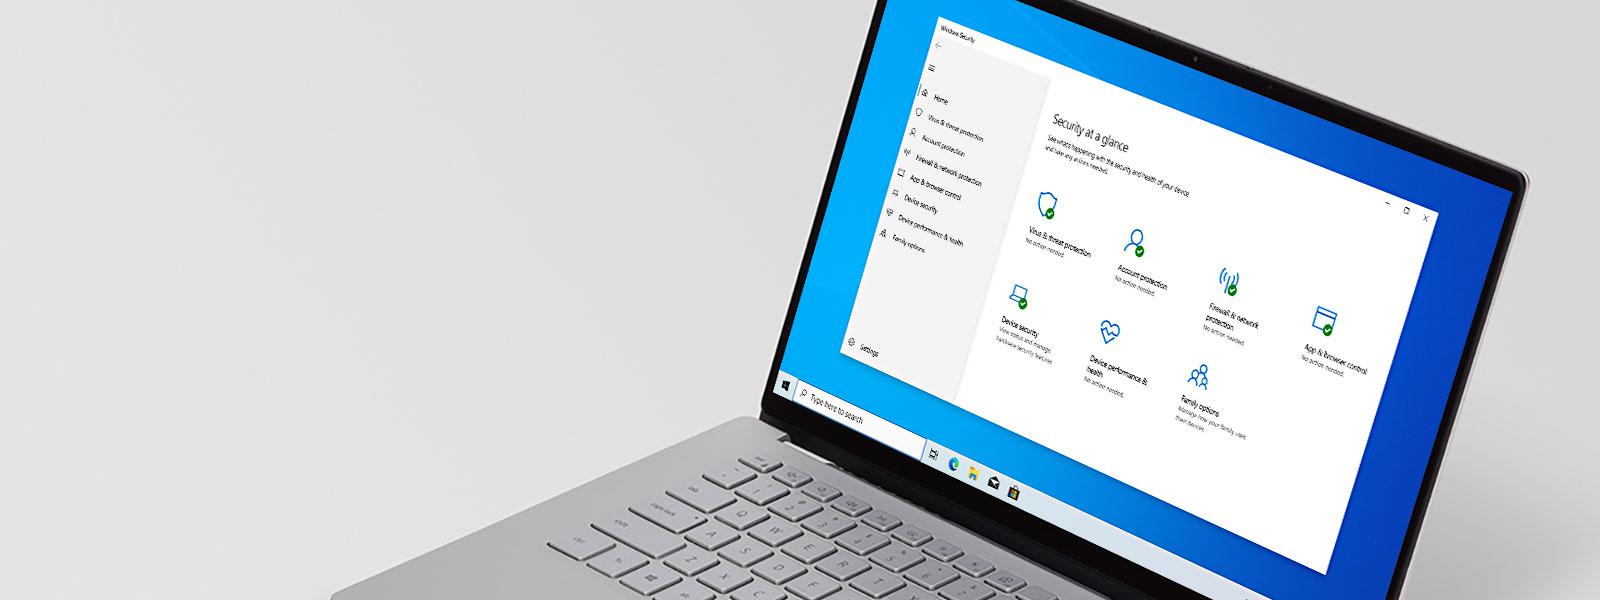 Laptop cu Windows 10 afișând fereastra aplicației antivirus Microsoft Defender